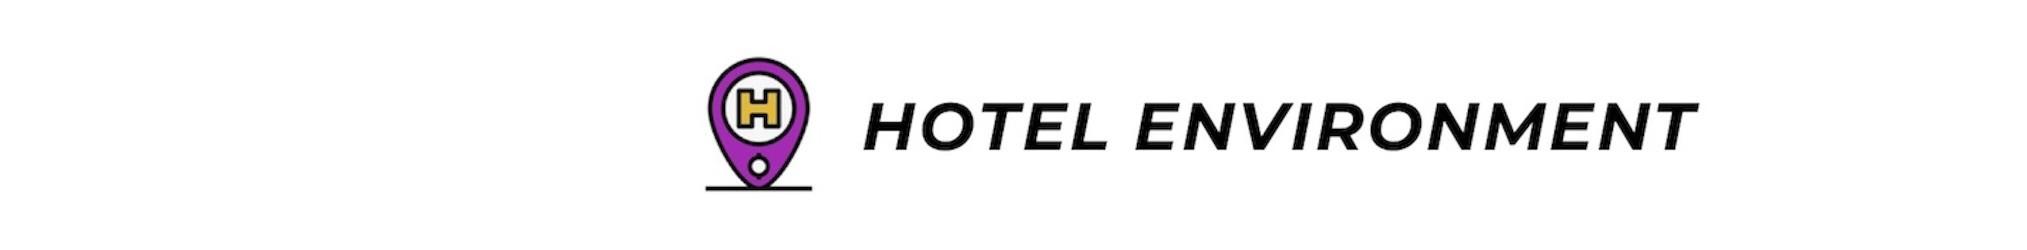 奧莉薇雅生活小酒店 環境介紹